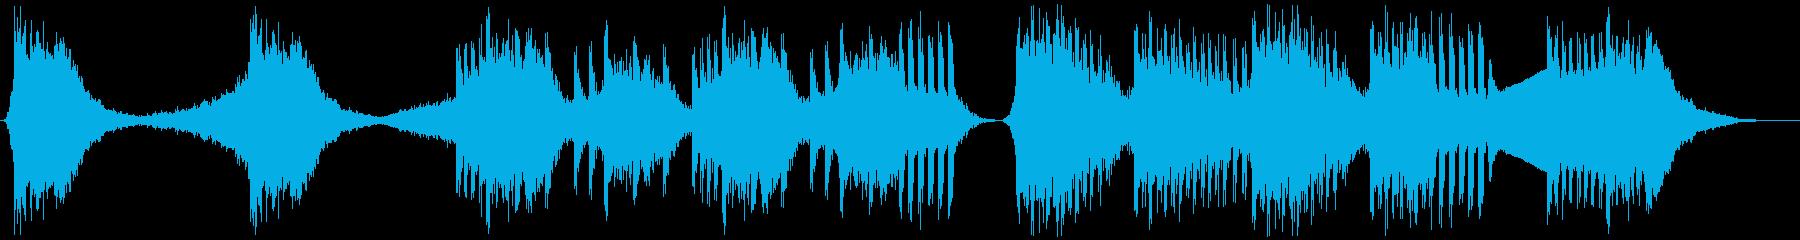 トレーラー・予告編・映画・PVの再生済みの波形